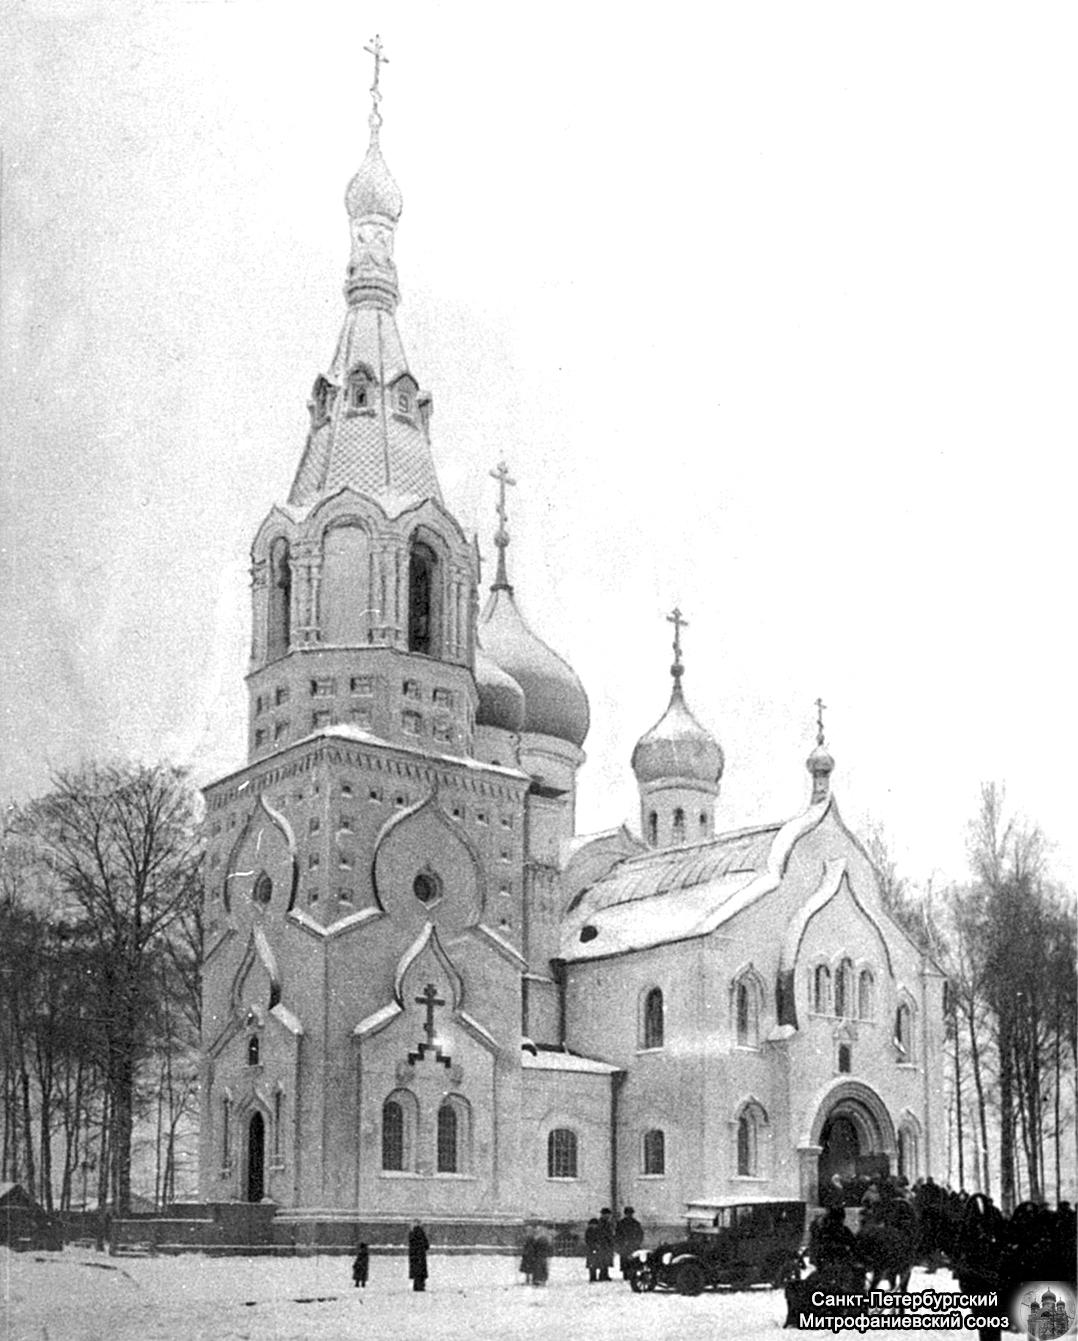 Gromovin hautausmaan Pyhän Äidin suojeluksen kirkko, vuoden 1914 valokuva.